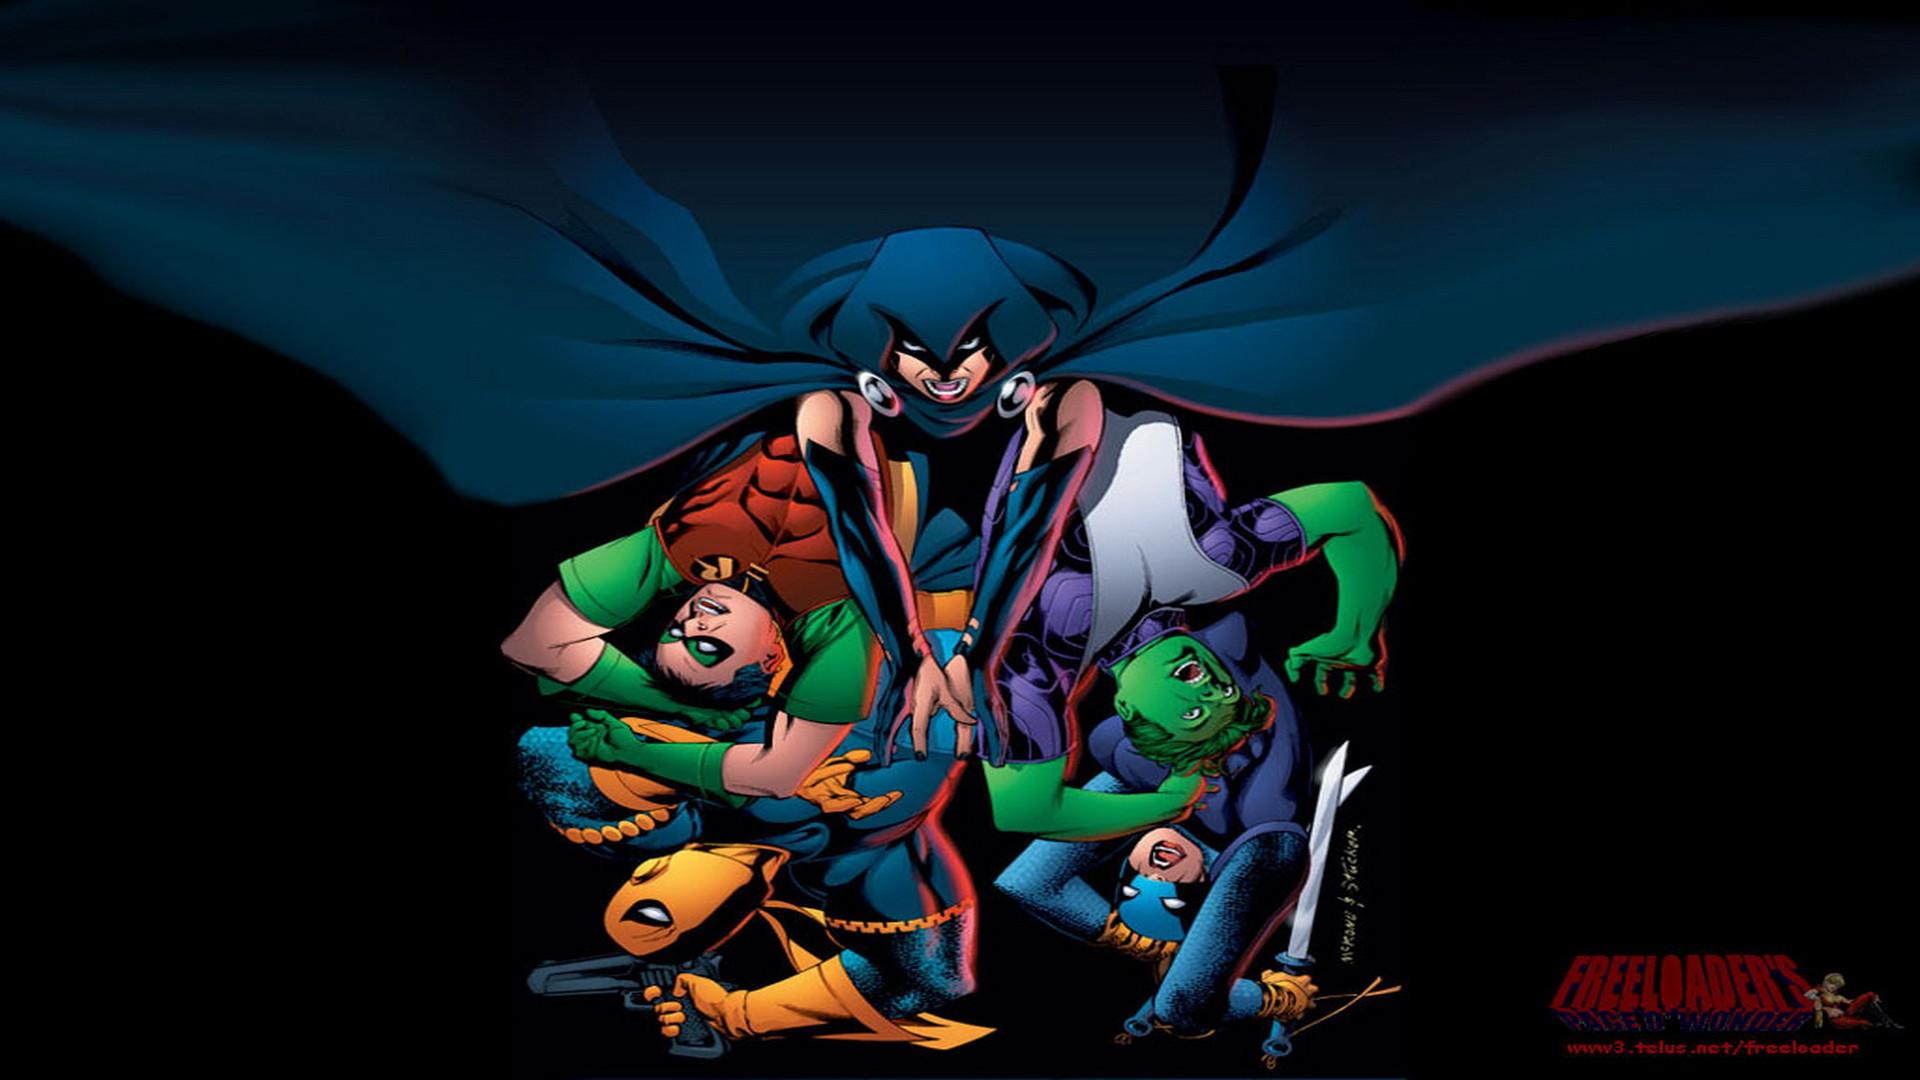 Teen-Titans-dc-comics-3976094-1024-768, Wallpaper HD